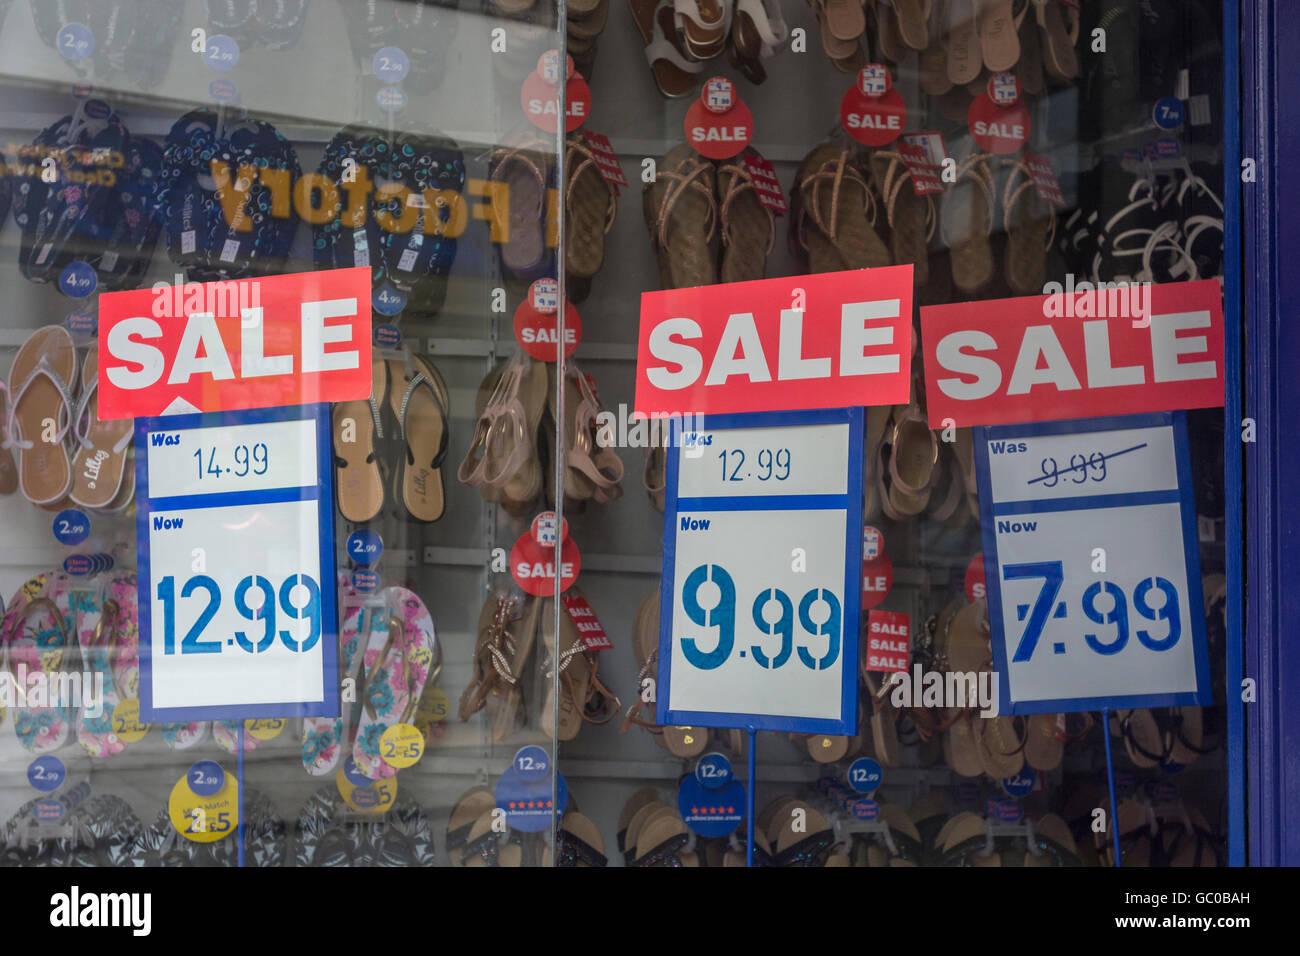 Hohe Straße Verkauf / Einzelhandel Vertrieb / Verbraucher Vertrauen Konzept. Preissenkungen. Stockbild